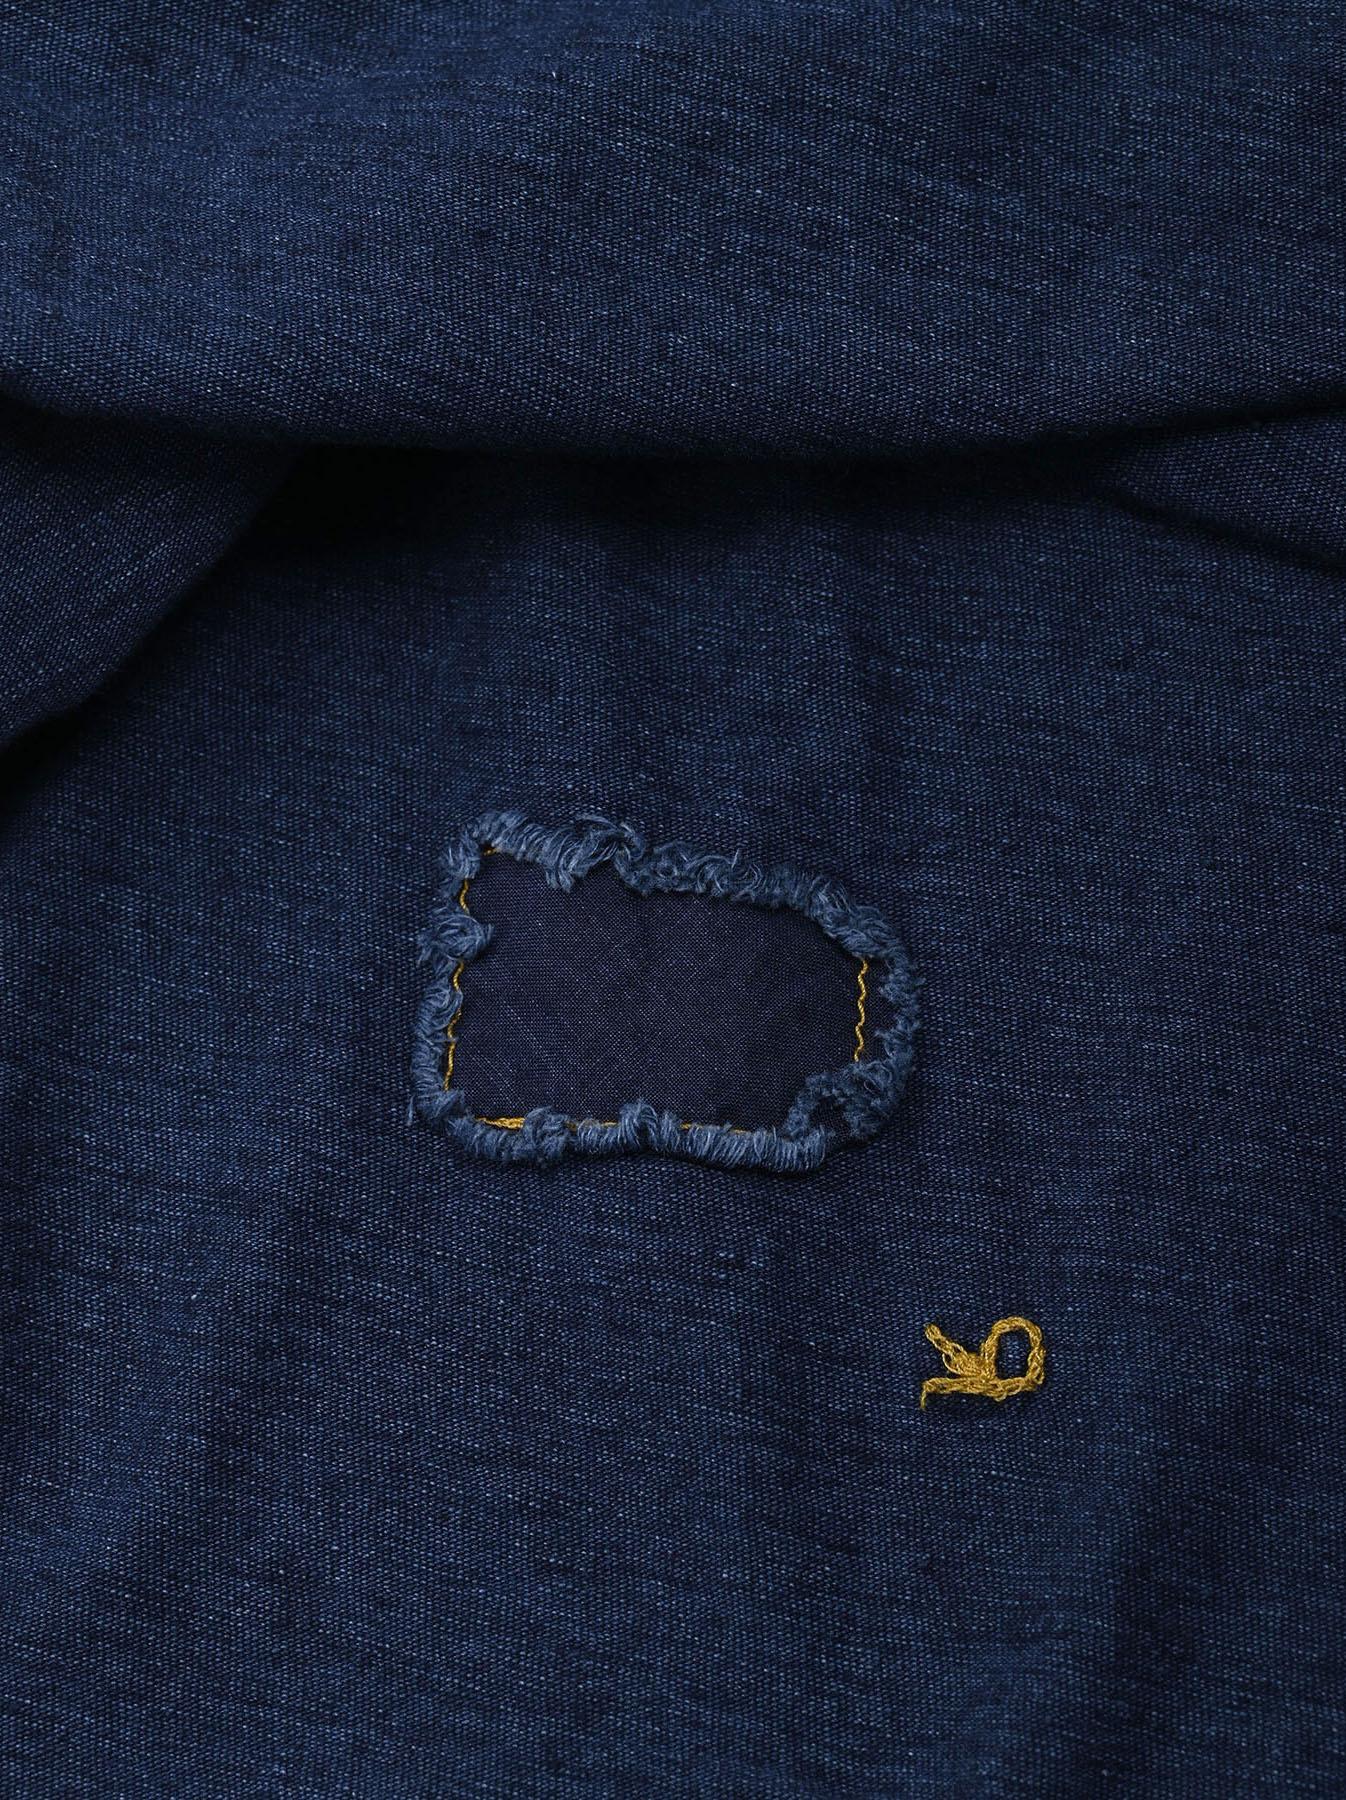 Indigo Zyu Zimbabwe Cotton Big Slit T-shirt (0721)-10